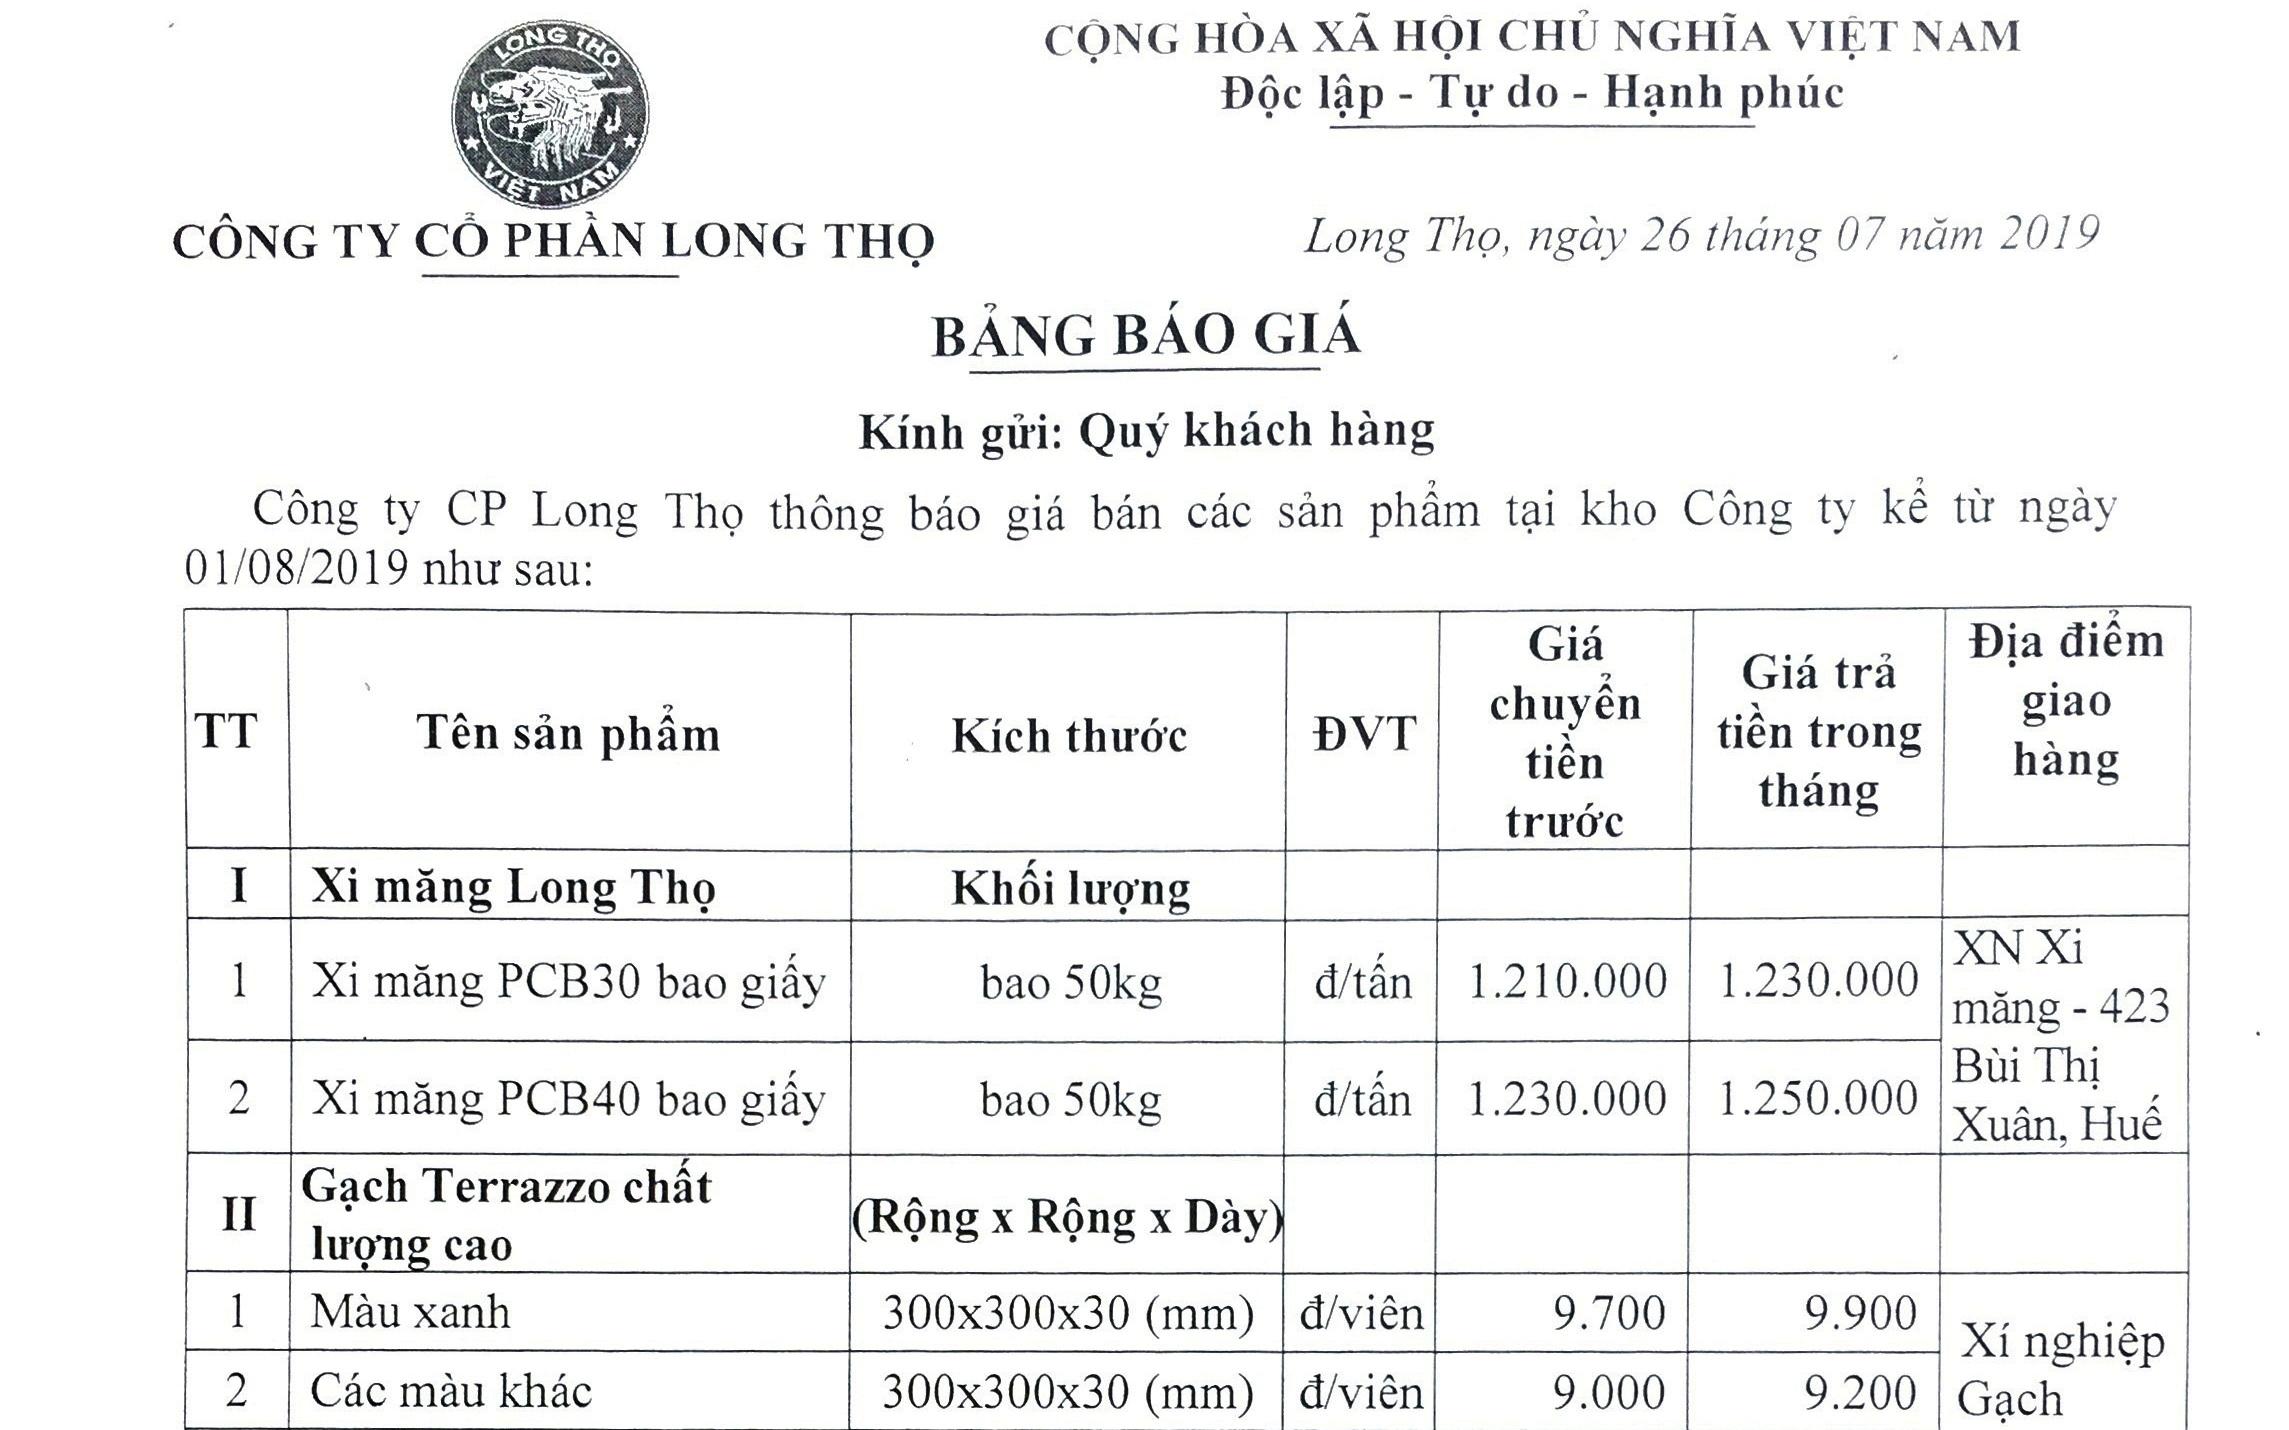 Thông báo giá bán sản phẩm Long Thọ tháng 8/2019